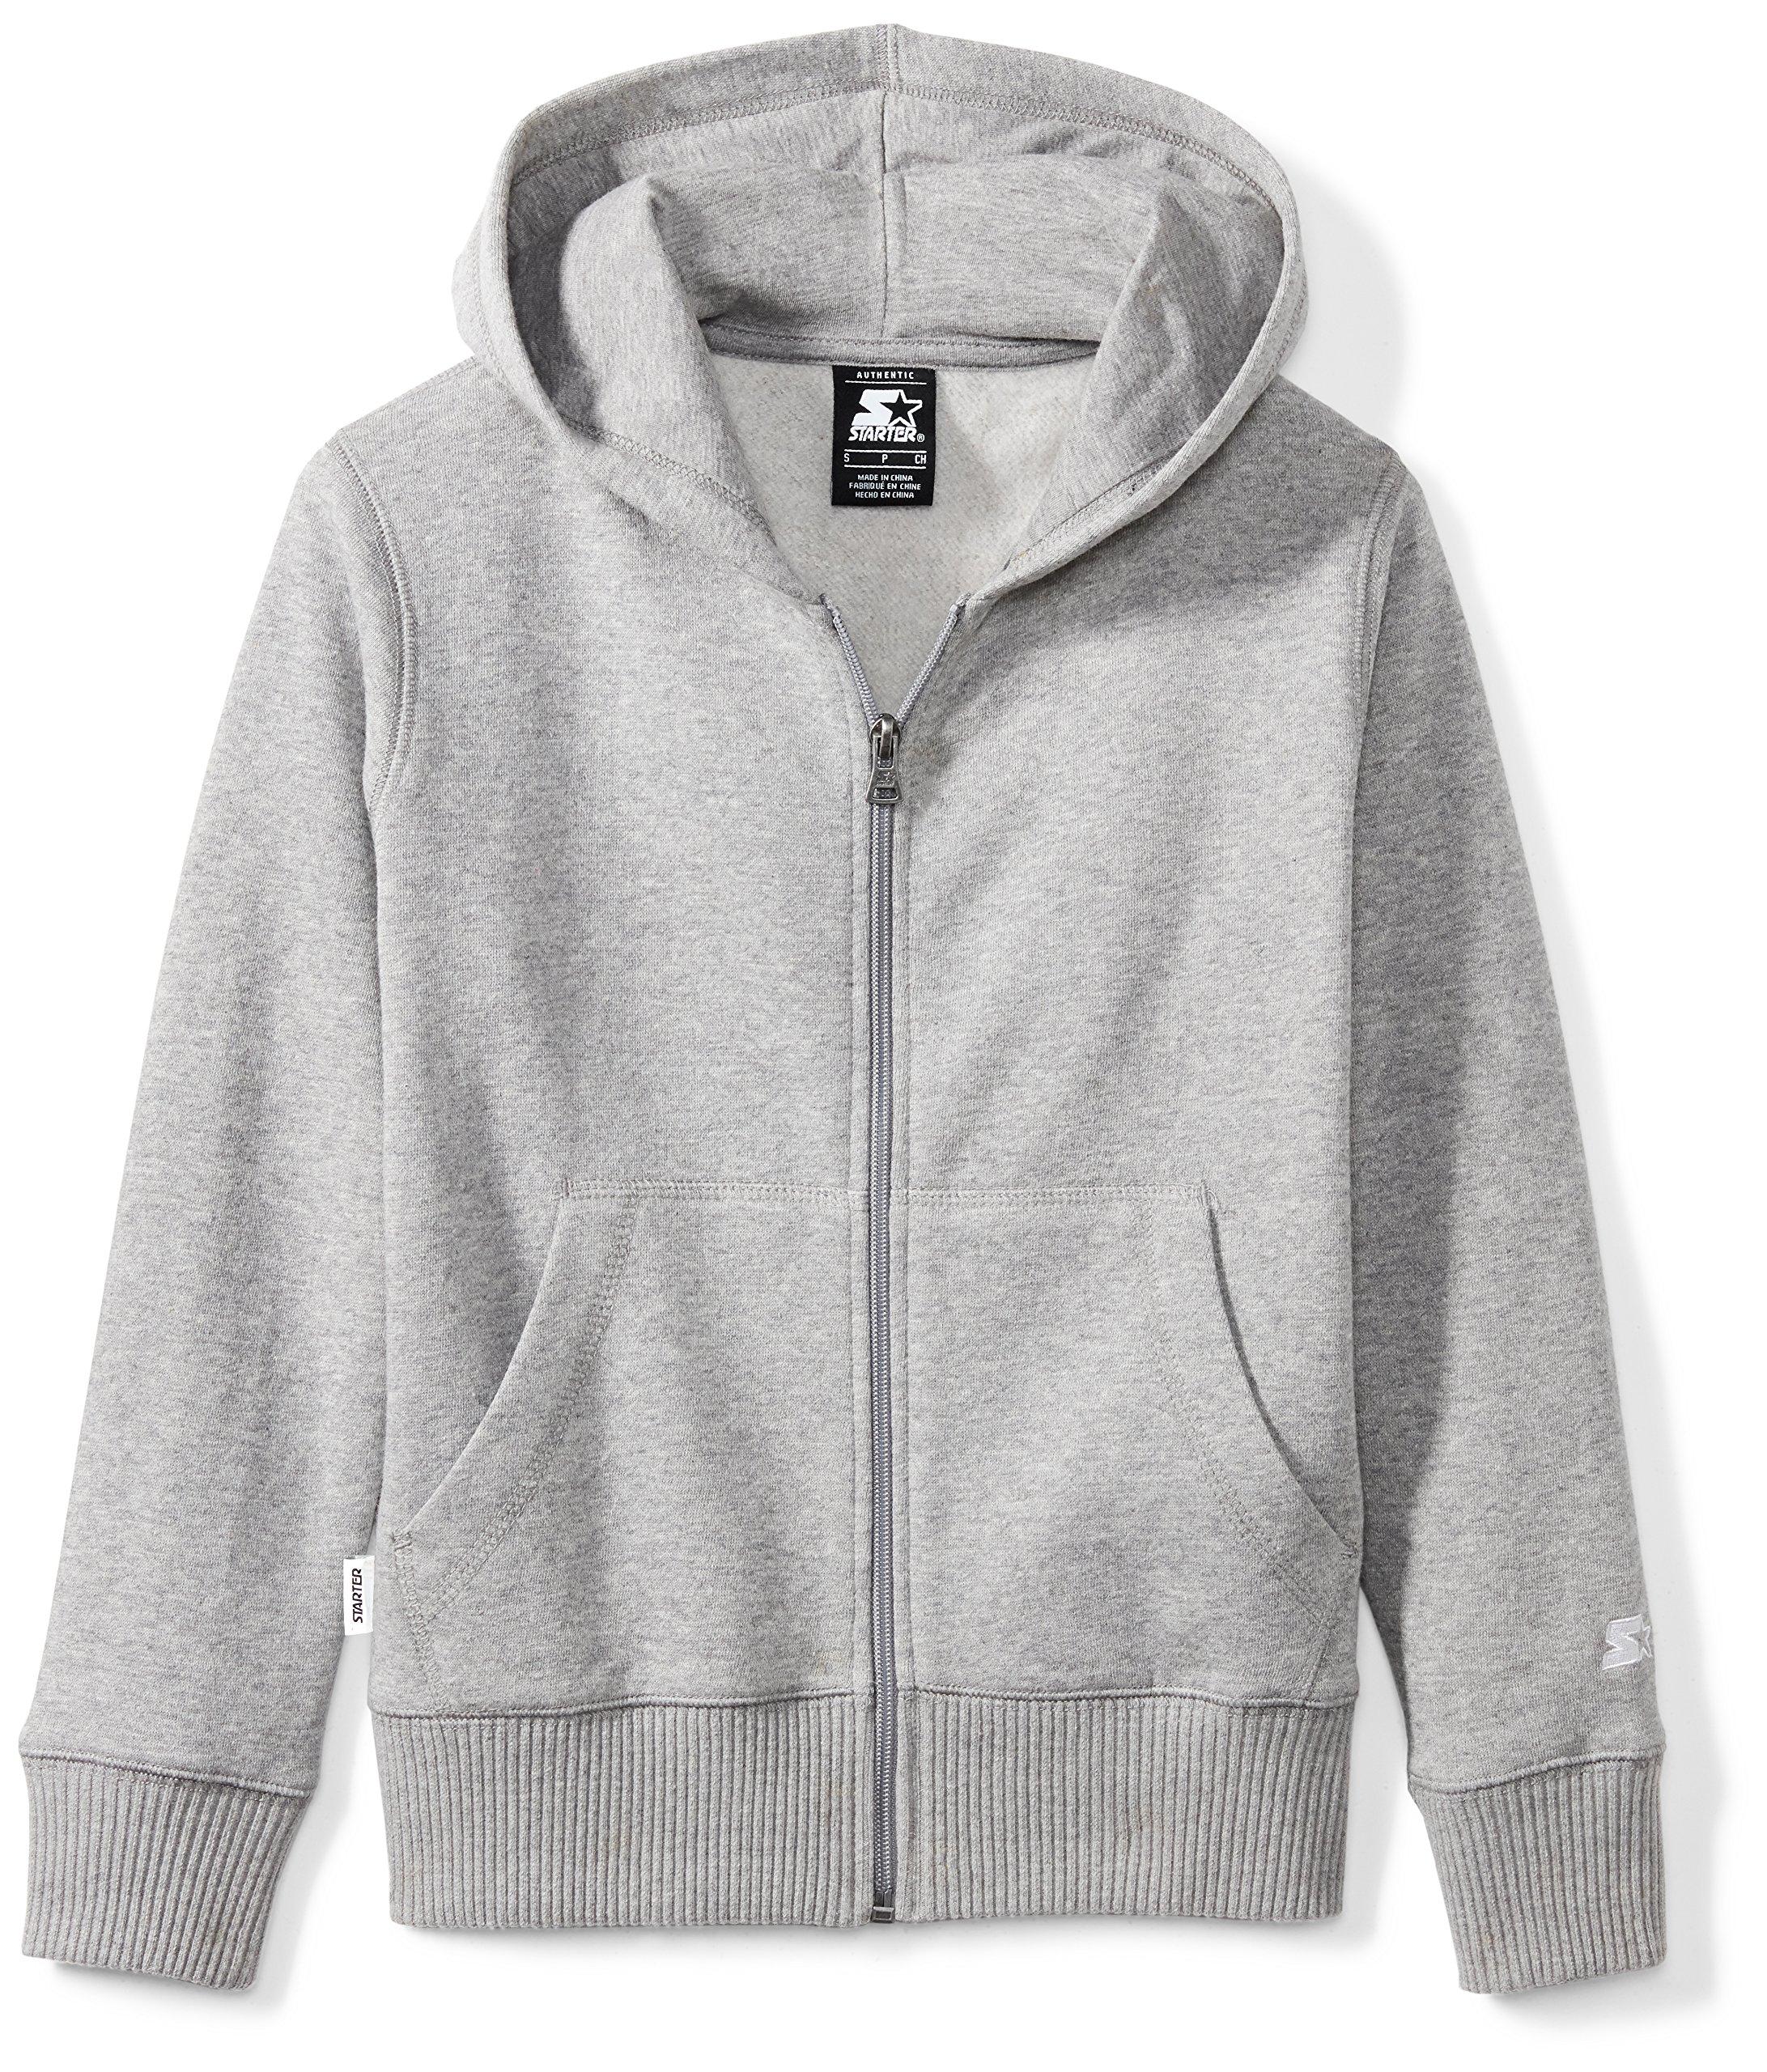 Starter Boys' Solid Zip-Up Hoodie, Amazon Exclusive, Vapor Grey Heather, S (6/7)